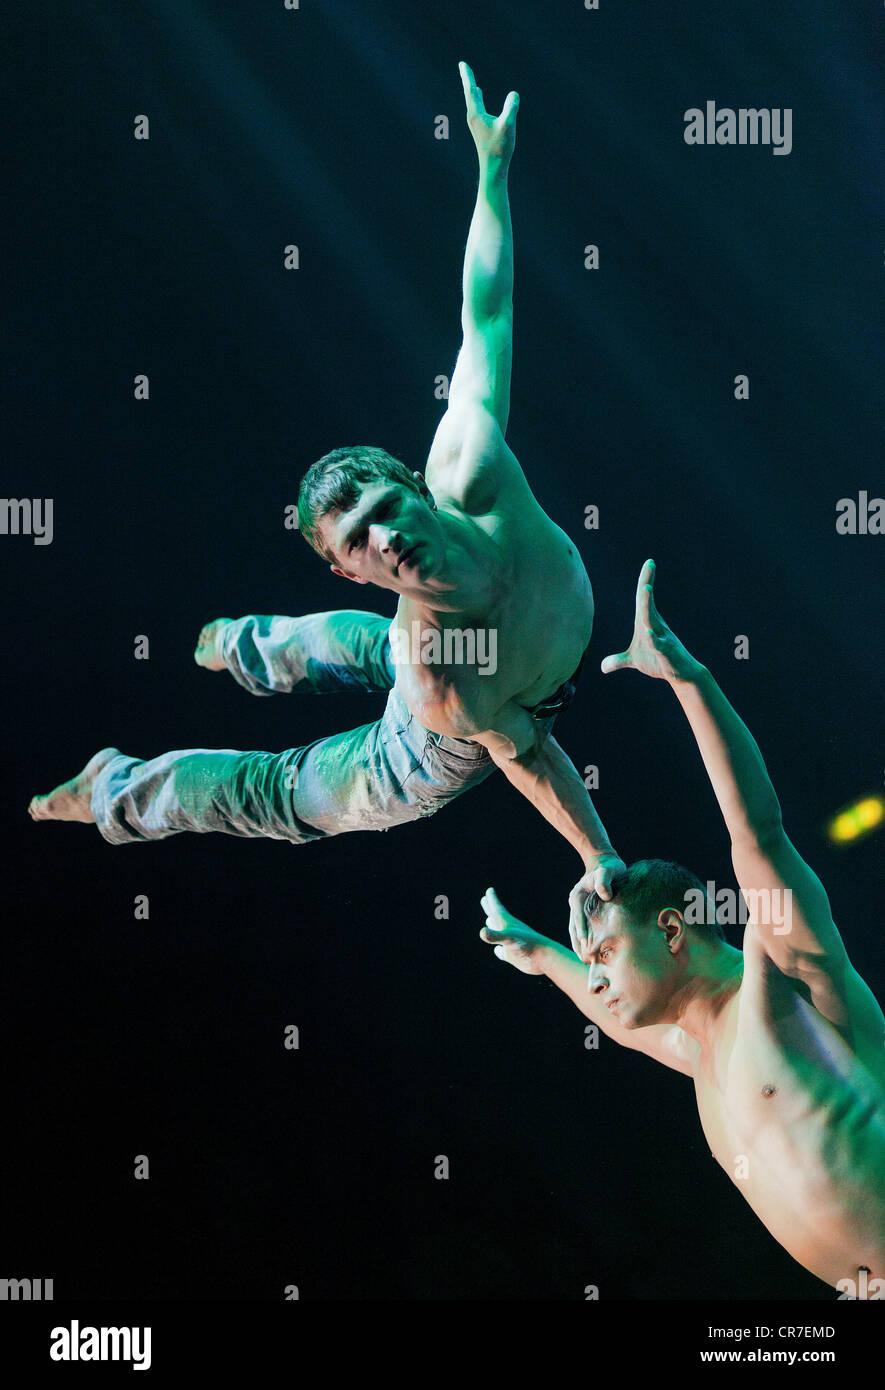 Spirin and Kotelnikov, FlicFlac Christmas Circus, premiere of Schrille Nacht, eilige Nacht, Westfalia Hall, Dortmund Stock Photo